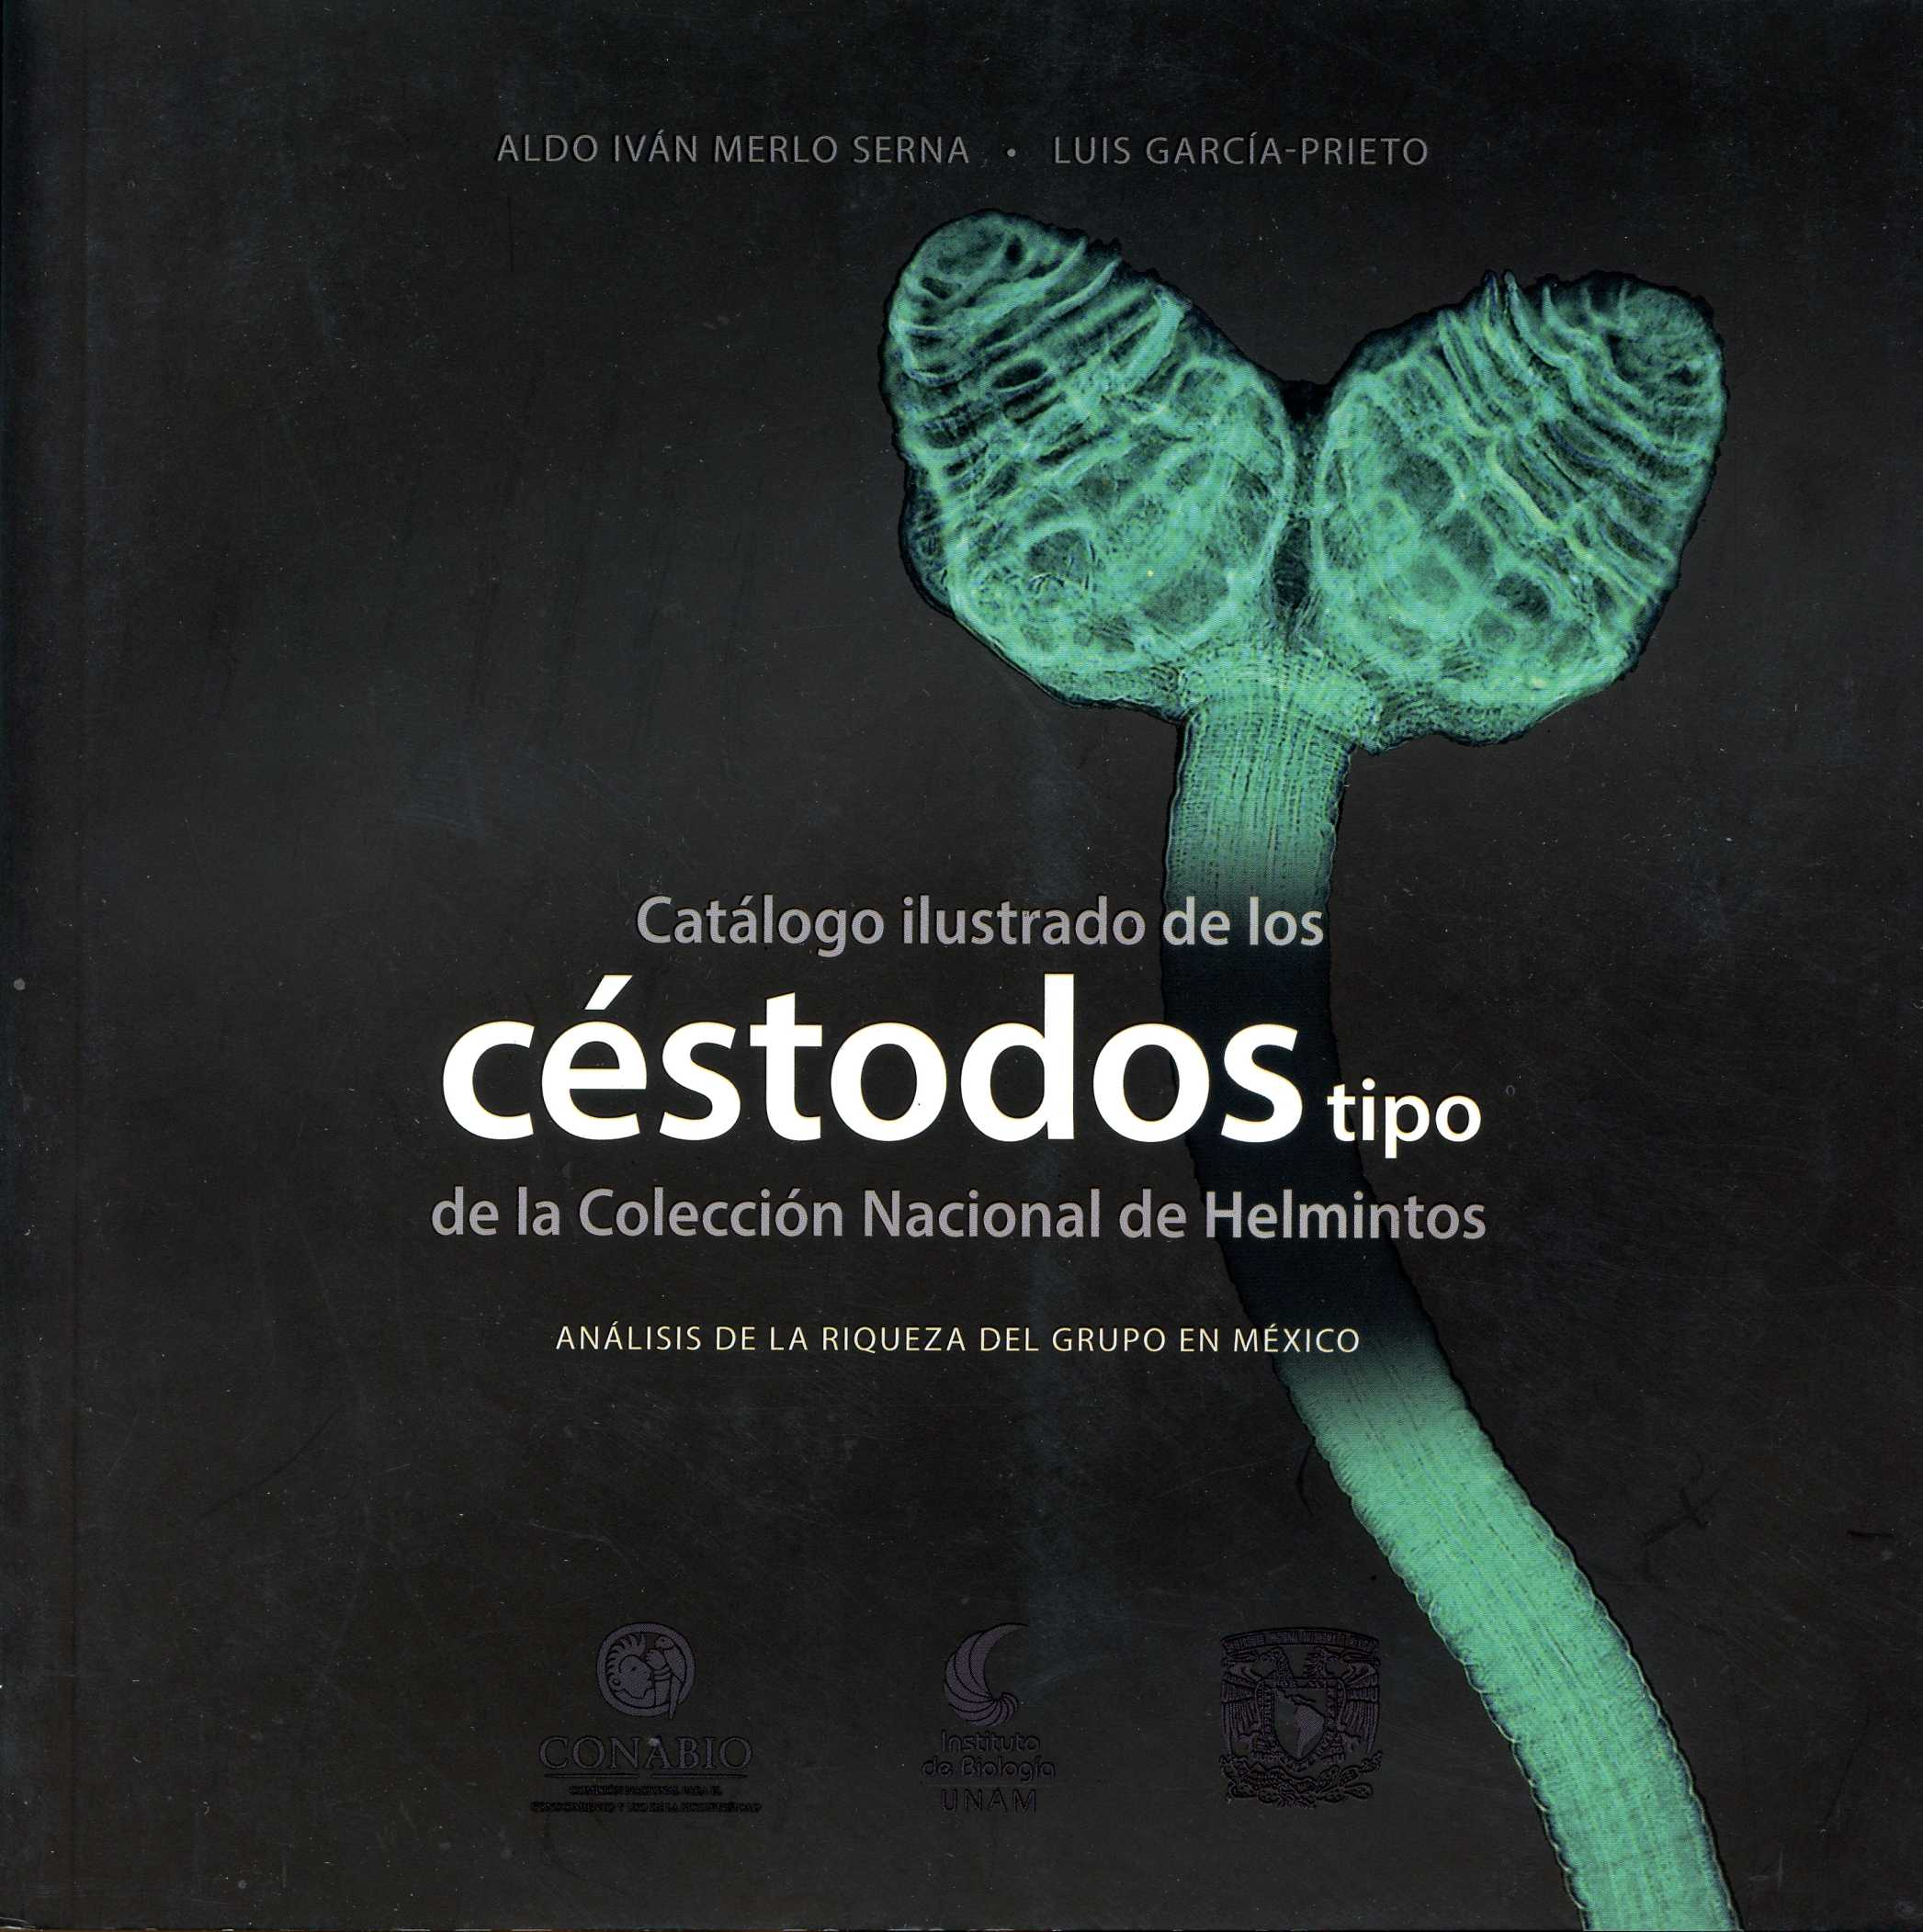 Catálogo ilustrado de los céstodos tipo de la Colección Nacional de Helmintos Análisis de la riqueza del grupo en México